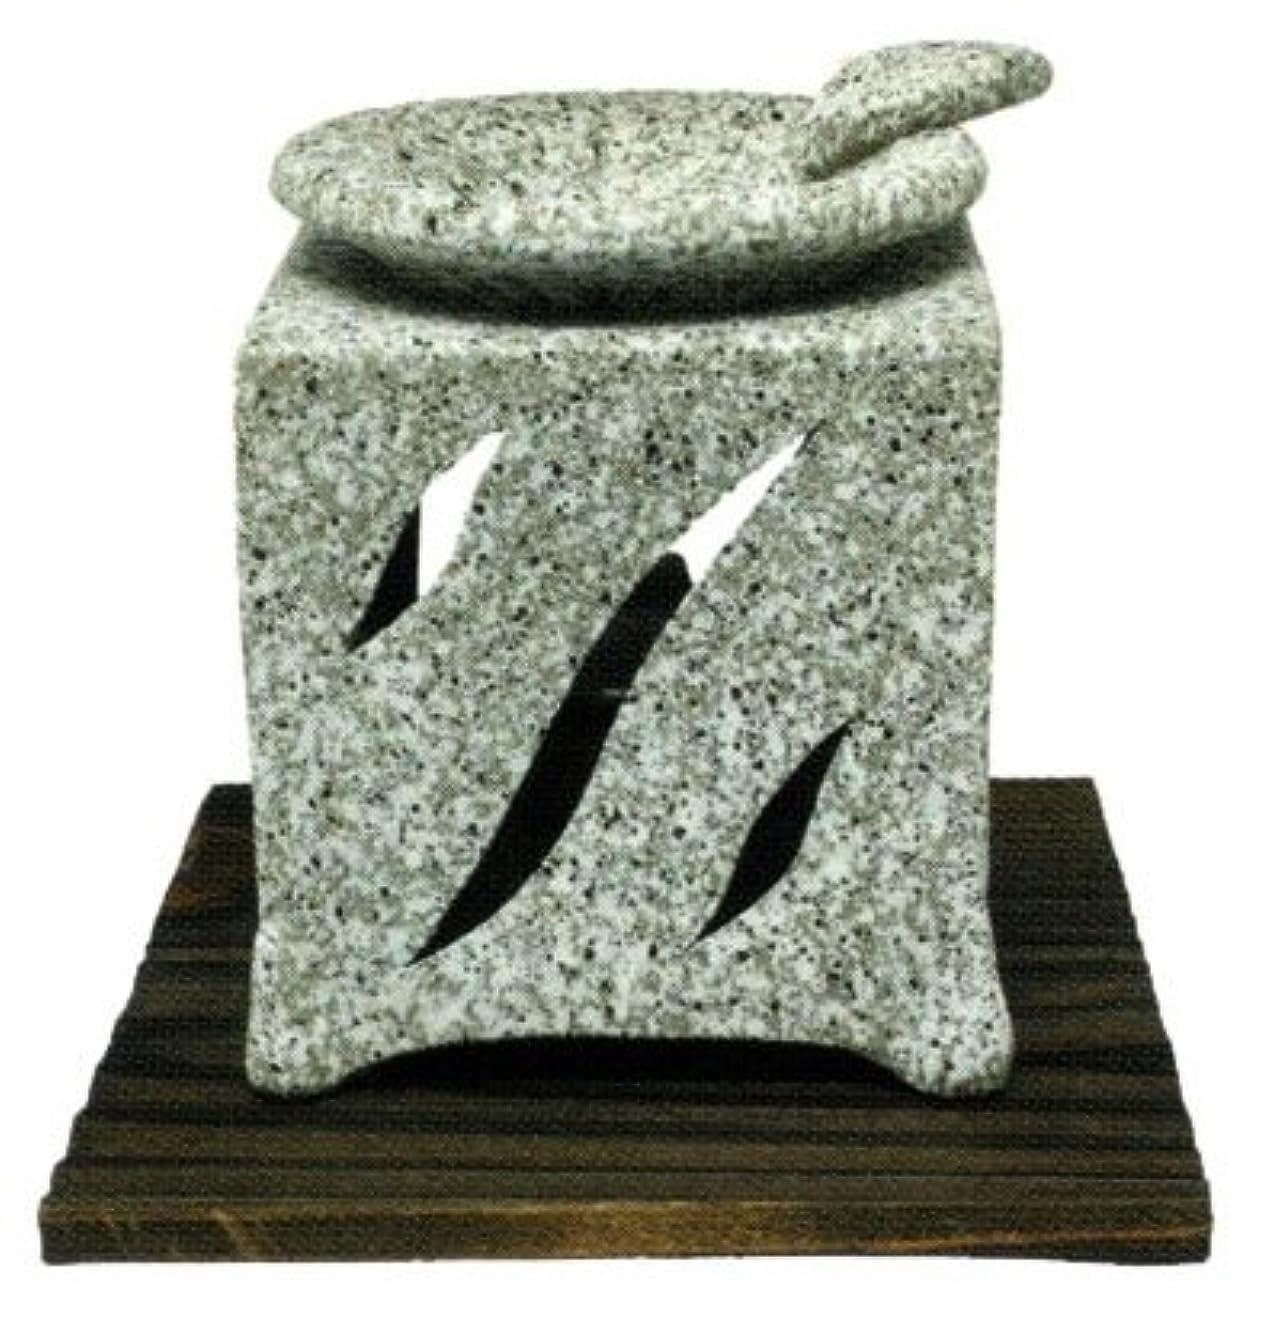 請求書実行可能言及する常滑焼?山房窯 カ40-06 茶香炉 杉板付 約10.5×10.5×12.5cm